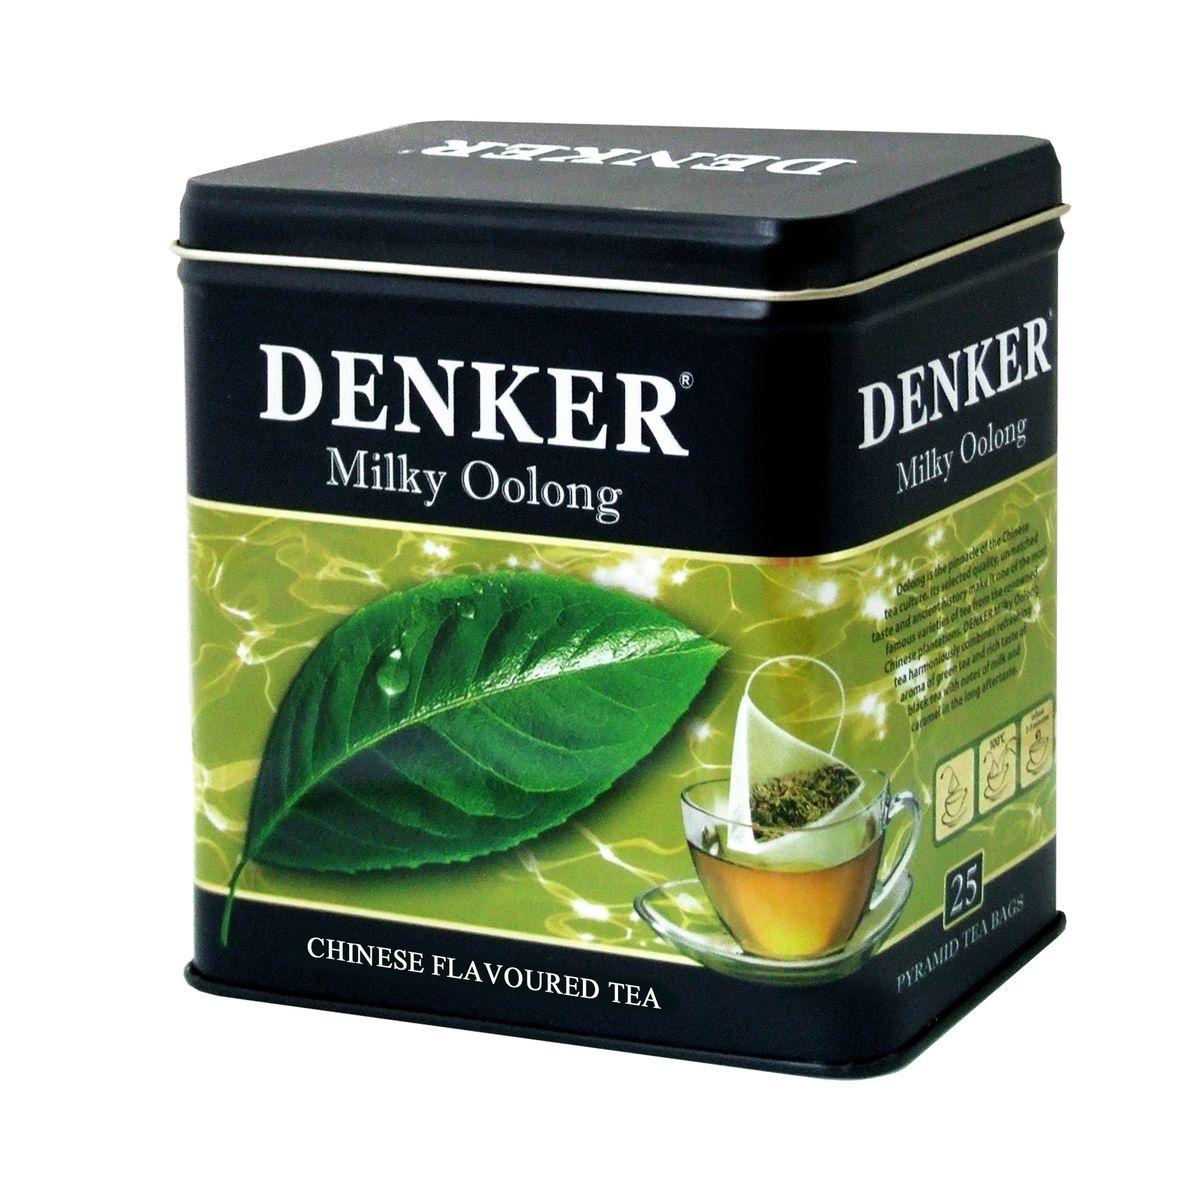 Denker Milky Oolong зеленый чай в пирамидках, 25 шт1080022Чай Denker Milky Oolong гармонично совмещает в себе освежающий аромат зеленого и насыщенный вкус черного чаев с оттенками молока и карамели в длительном полевкусии. Улун - вершина чайной культуры Китая. Благодаря своему отборному качеству, неповторимому вкусу и древней истории, он является одним из самых известных сортов чая, выращиваемых на знаменитых китайских плантациях.